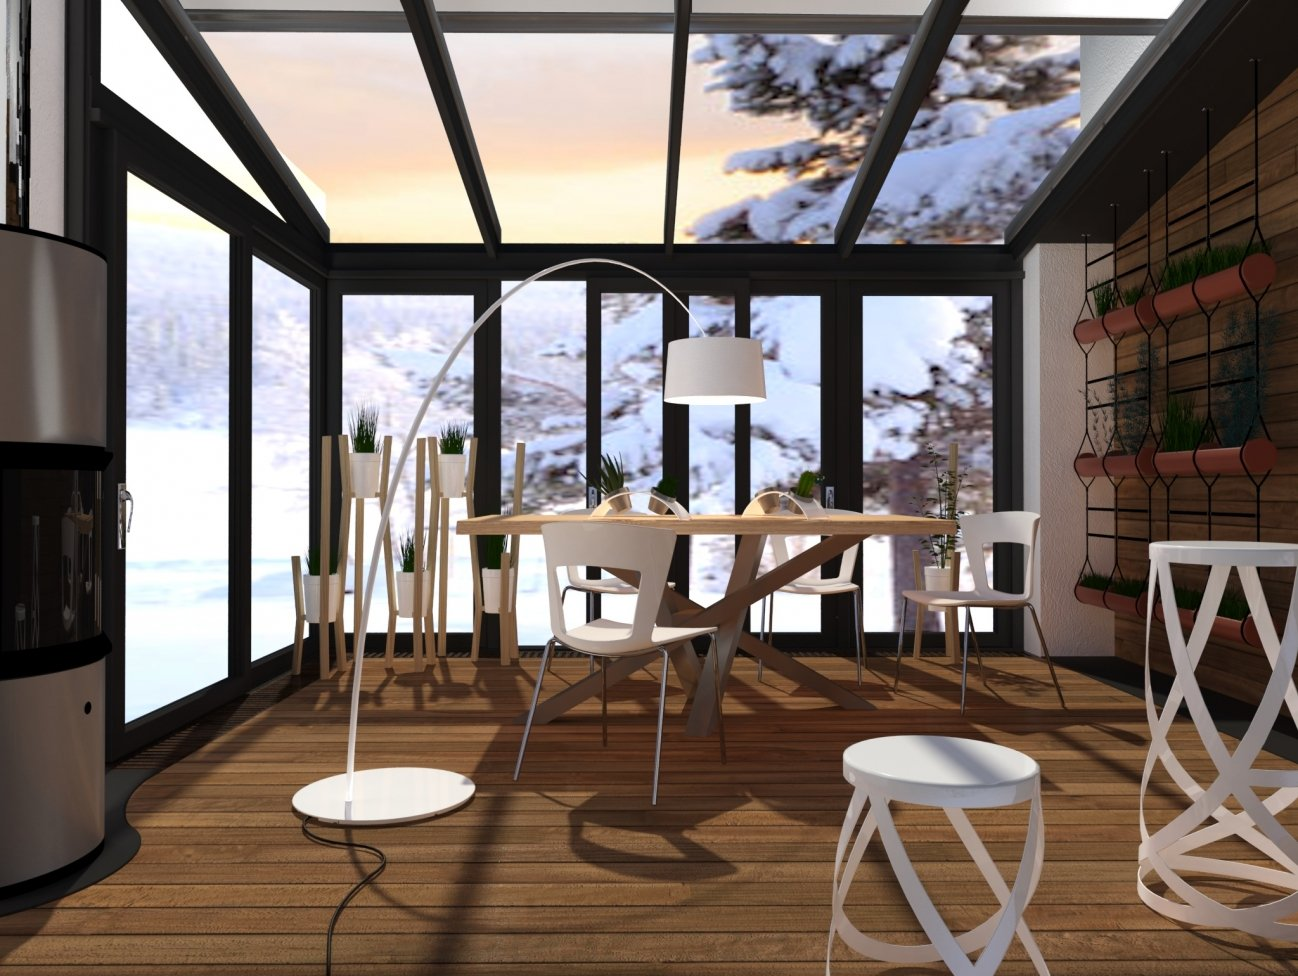 Fare la veranda per il giardino d 39 inverno - Verande giardino d inverno ...